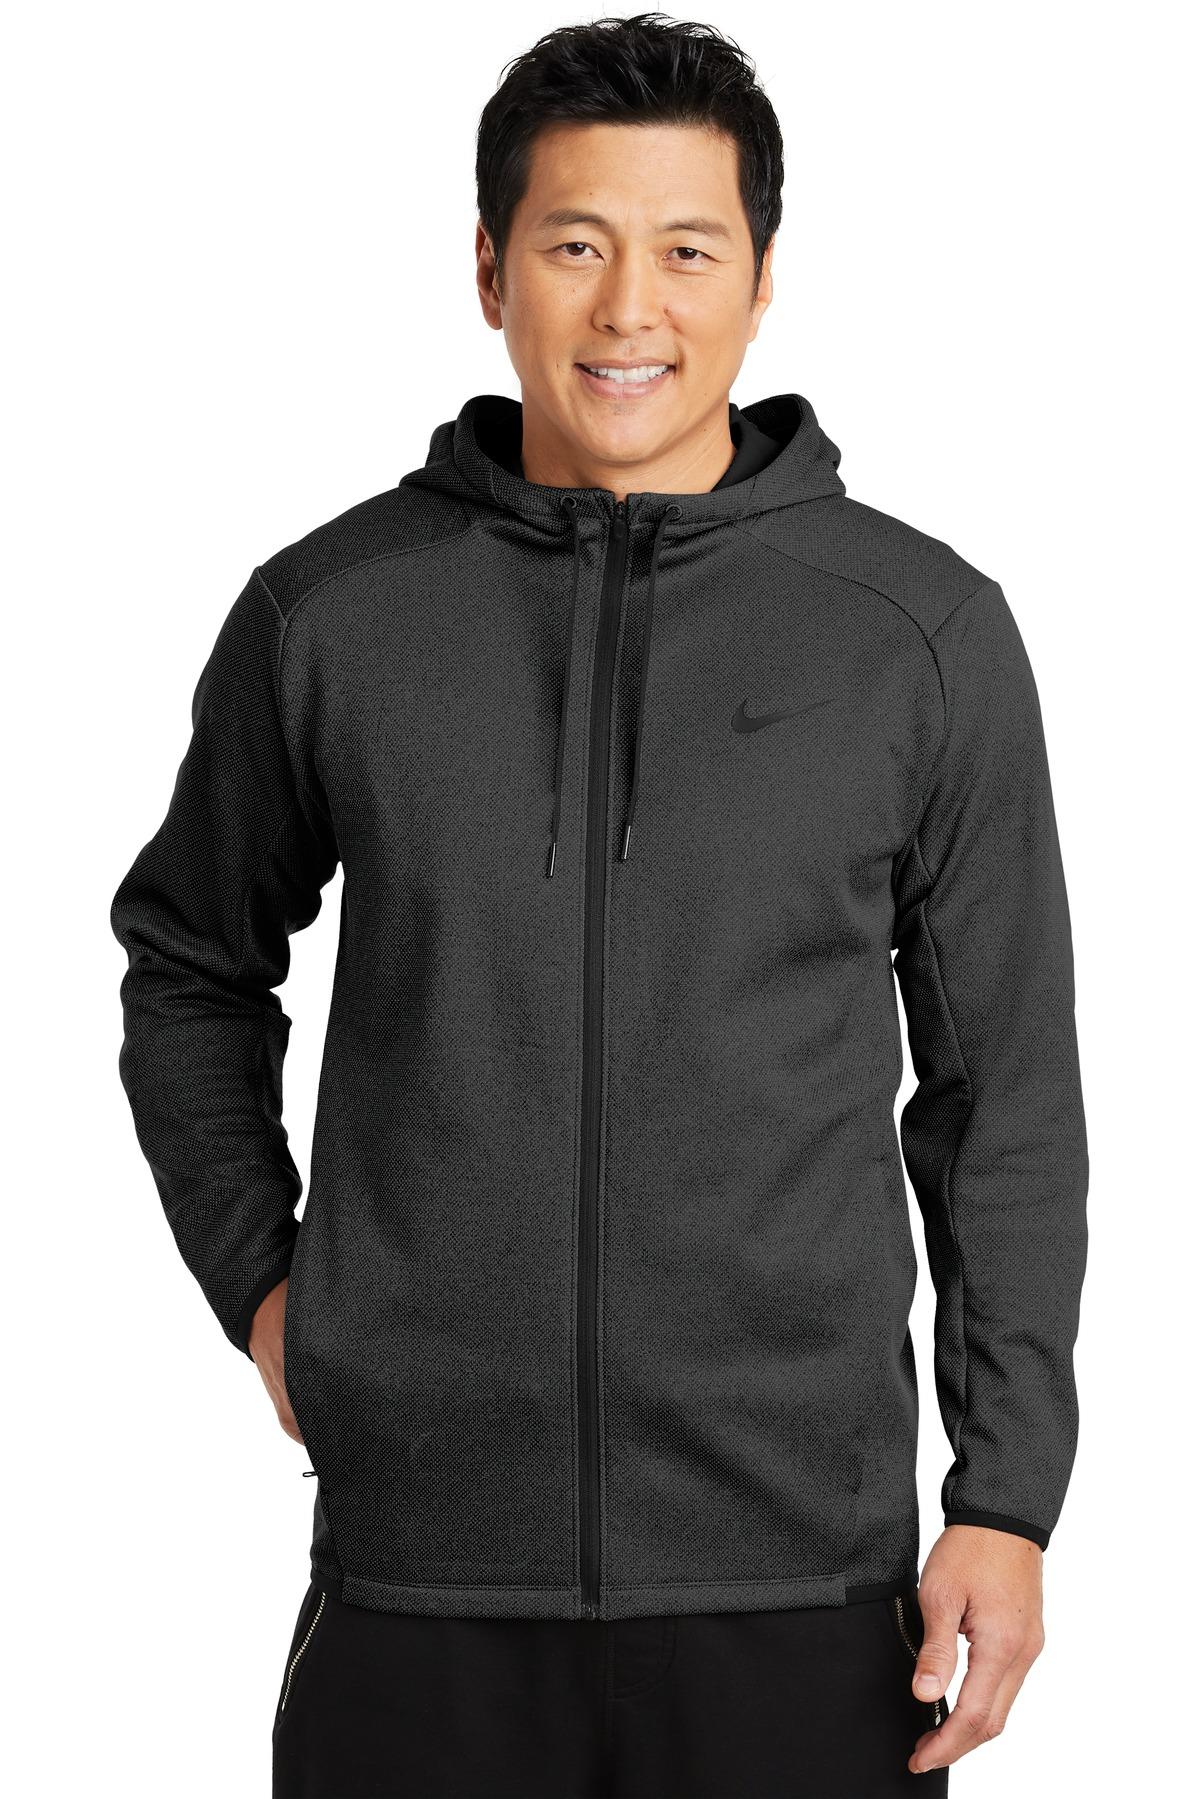 Buy Nike Therma-FIT Textured Fleece Full-Zip Hoodie. - Nike Online ... b15ff419c